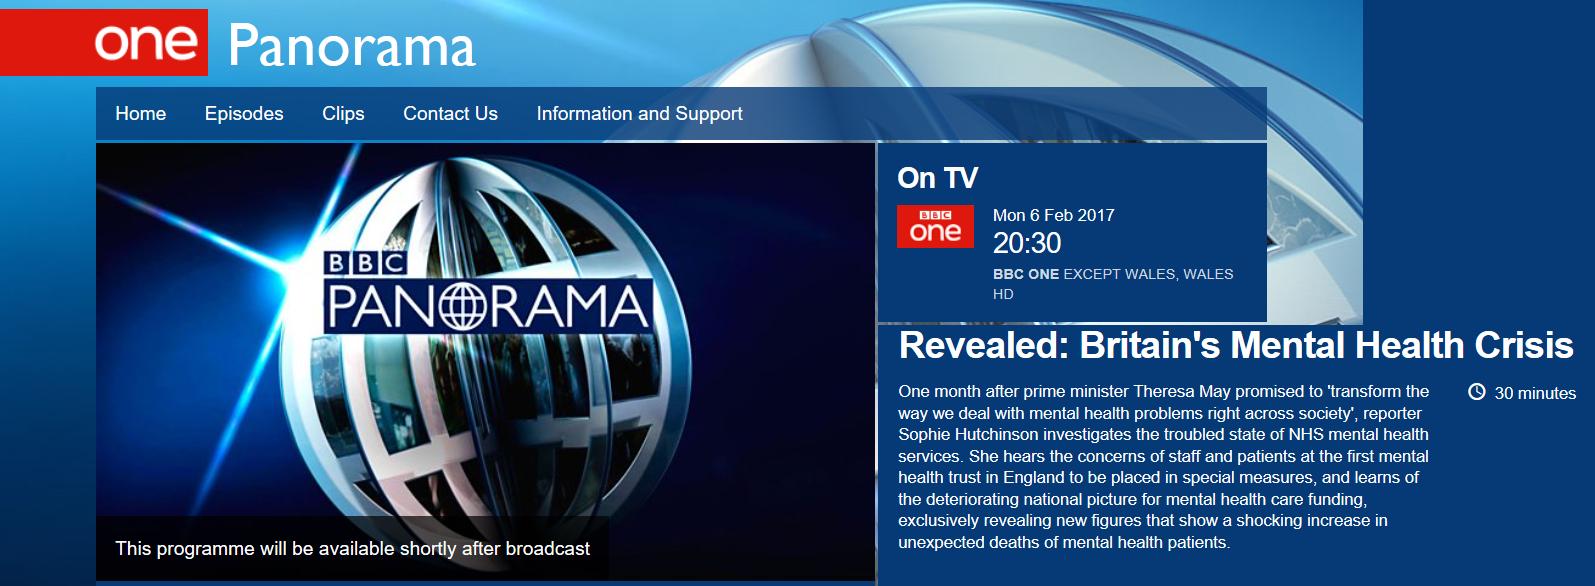 6 minutes bbc